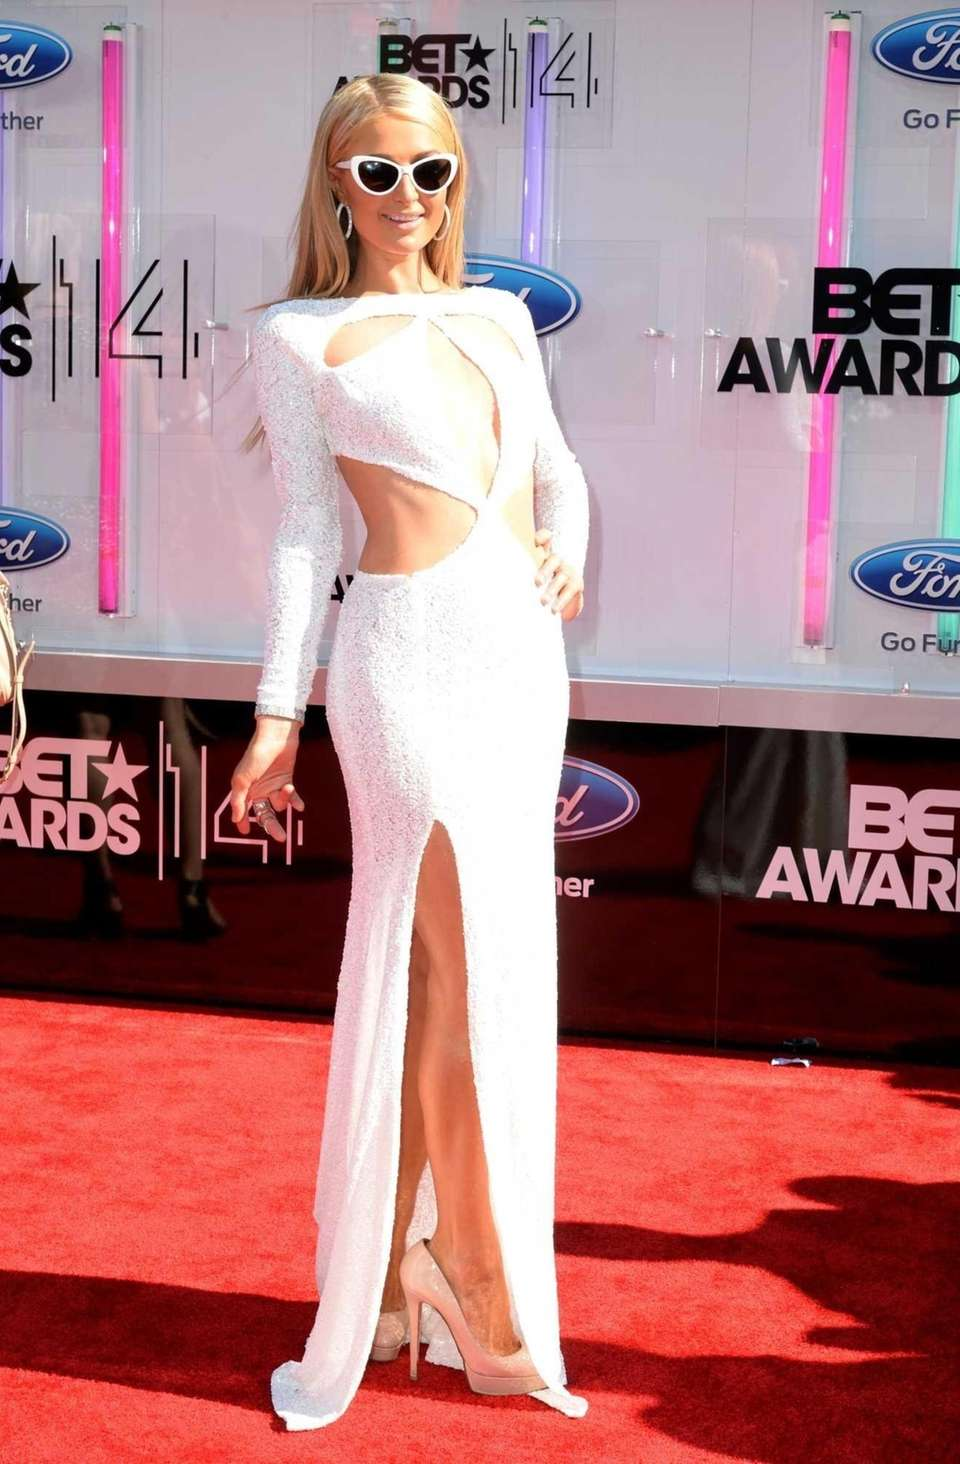 Paris Hilton attends the BET Awards at Nokia